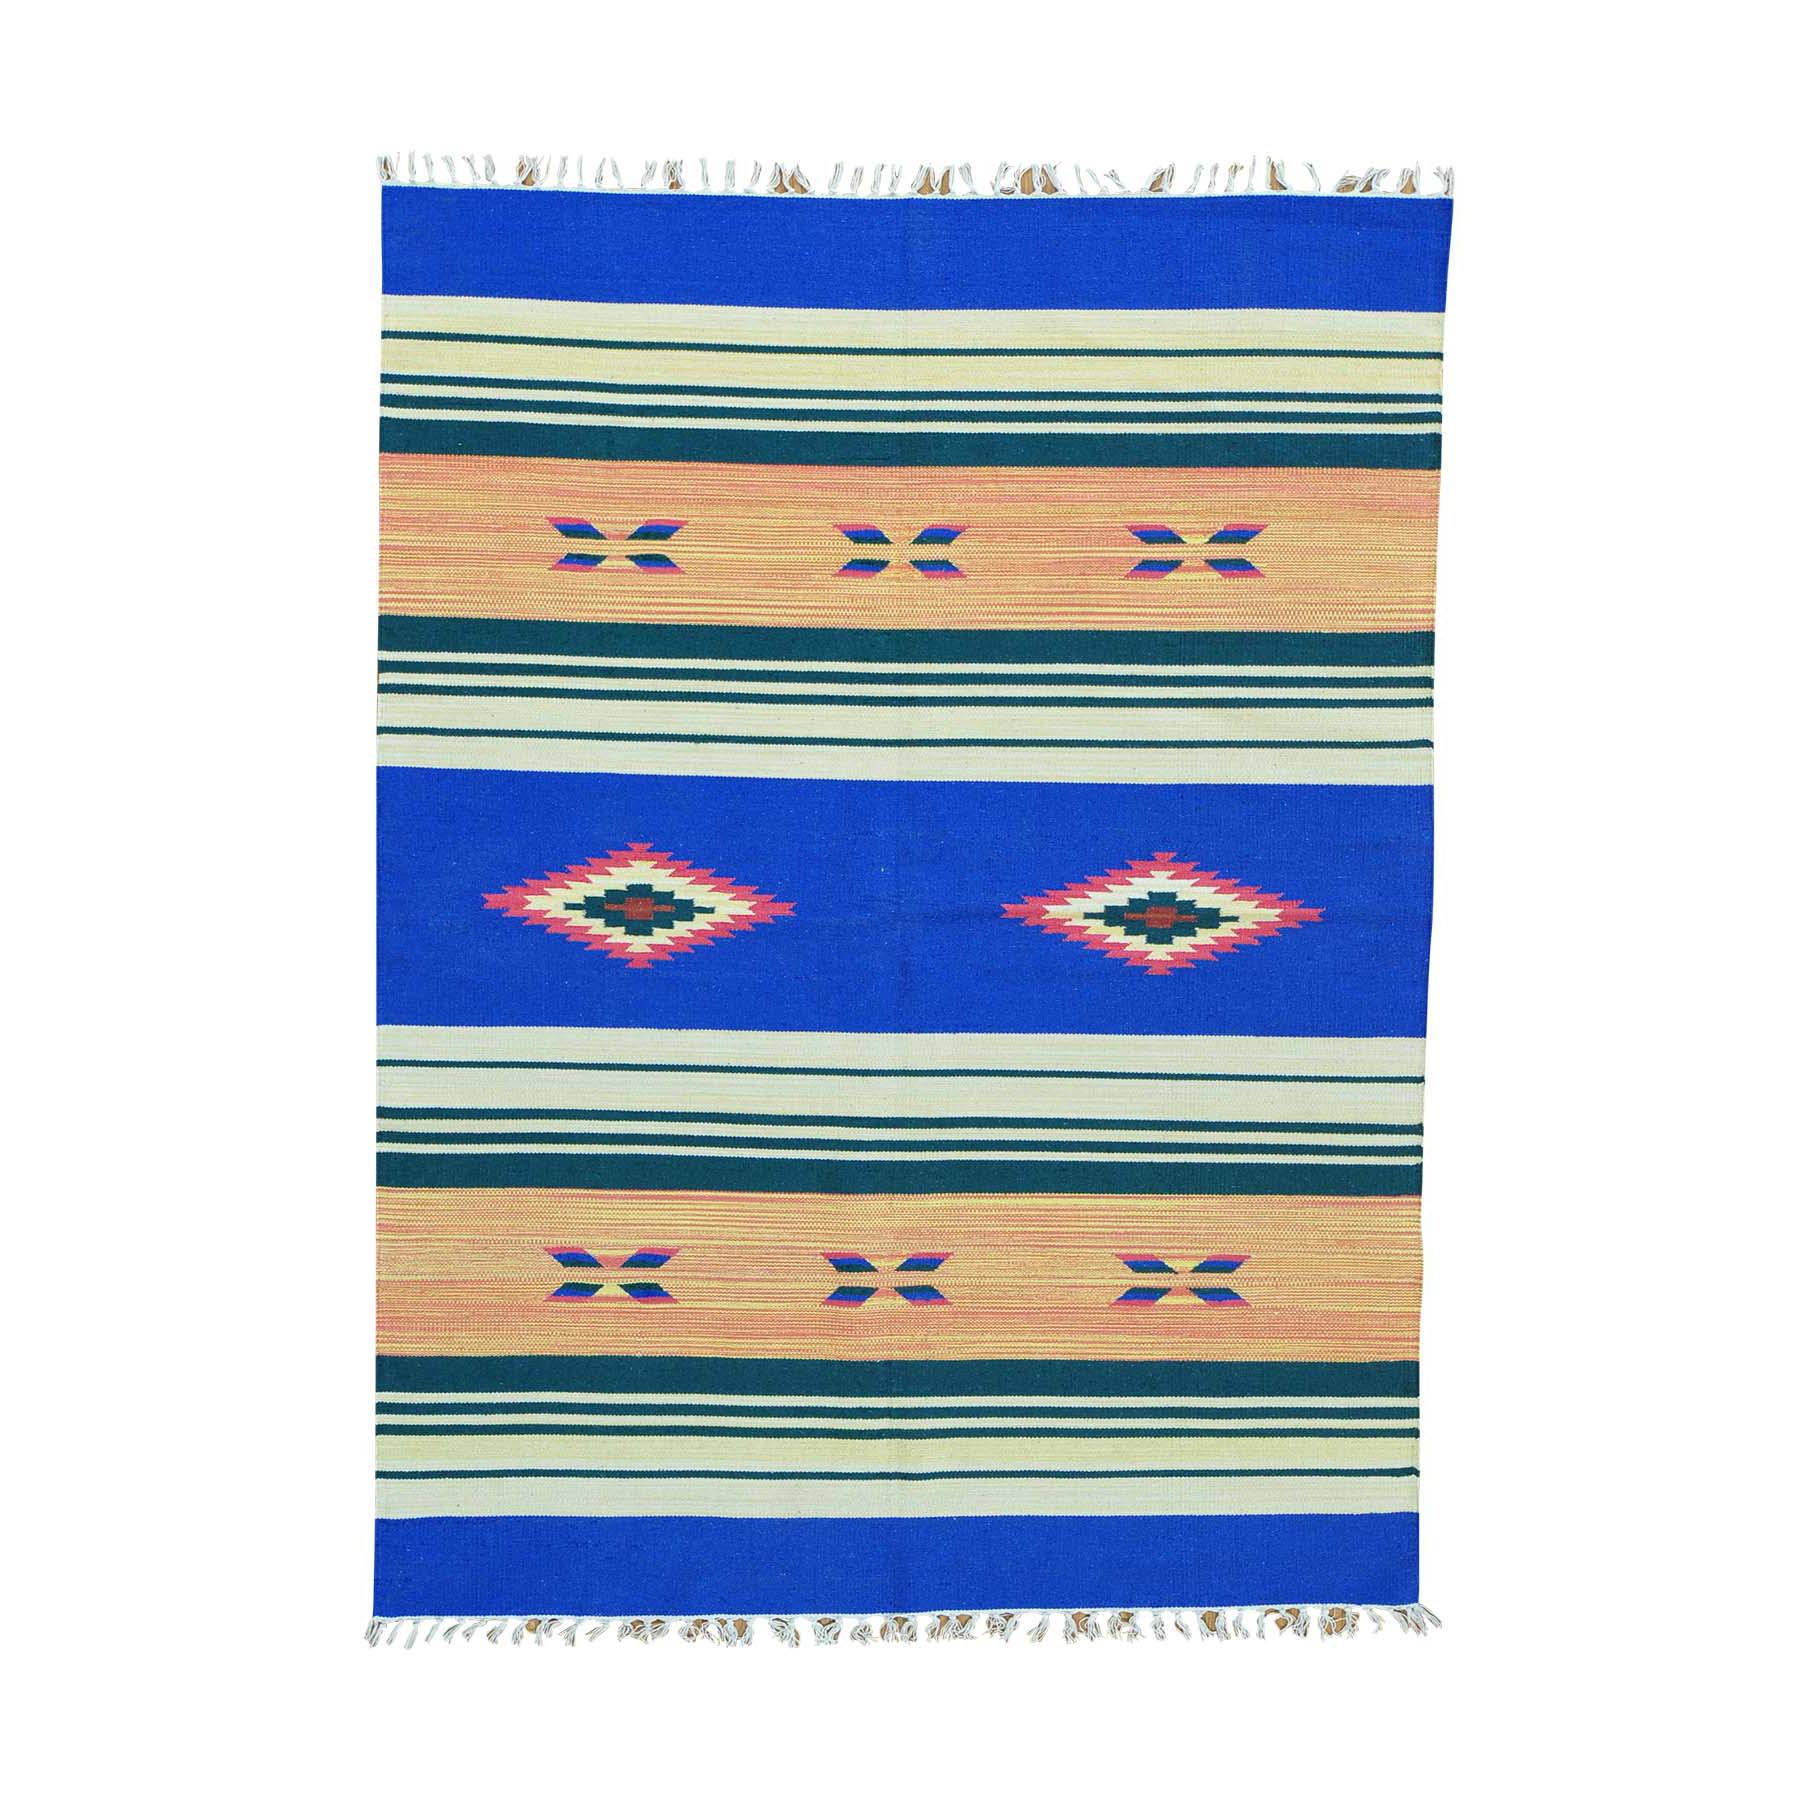 Fine Kilim Collection Hand Woven Multicolored Rug No: 0152258